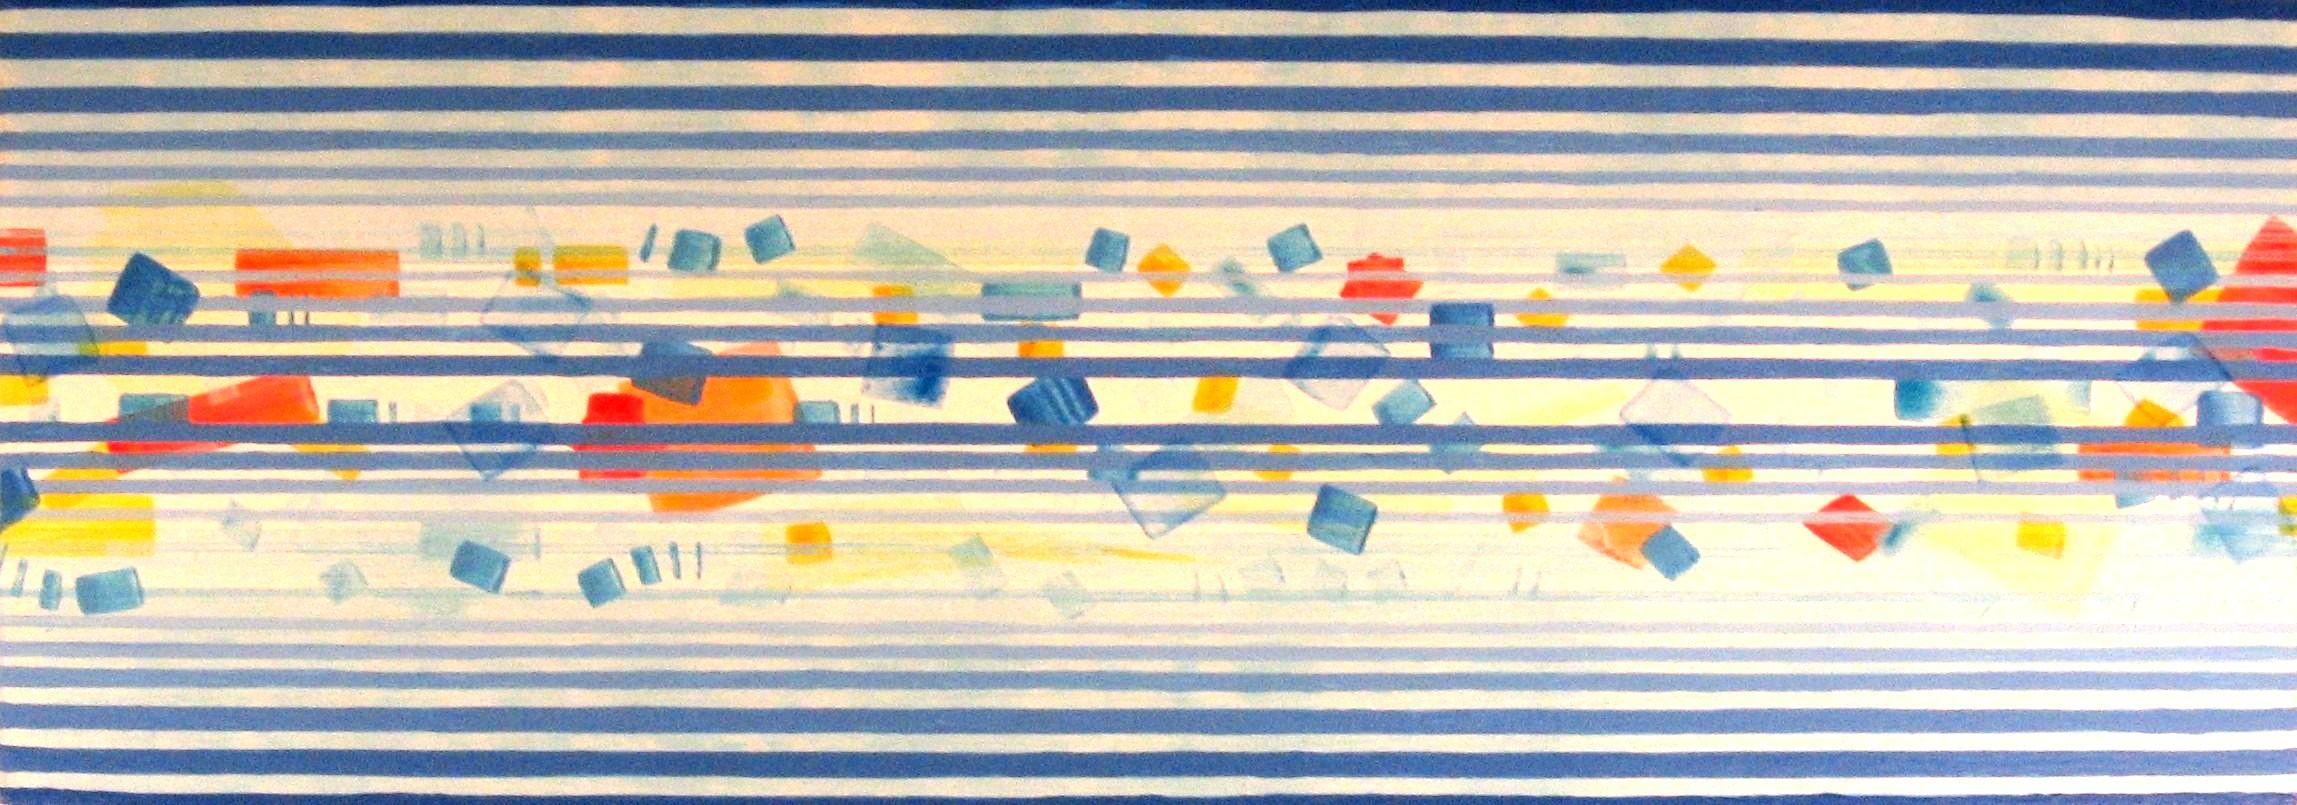 Jurgen Tarrasch, From the series Ethereal, 2008-09, mixed media, 30,5 x 86.JPG